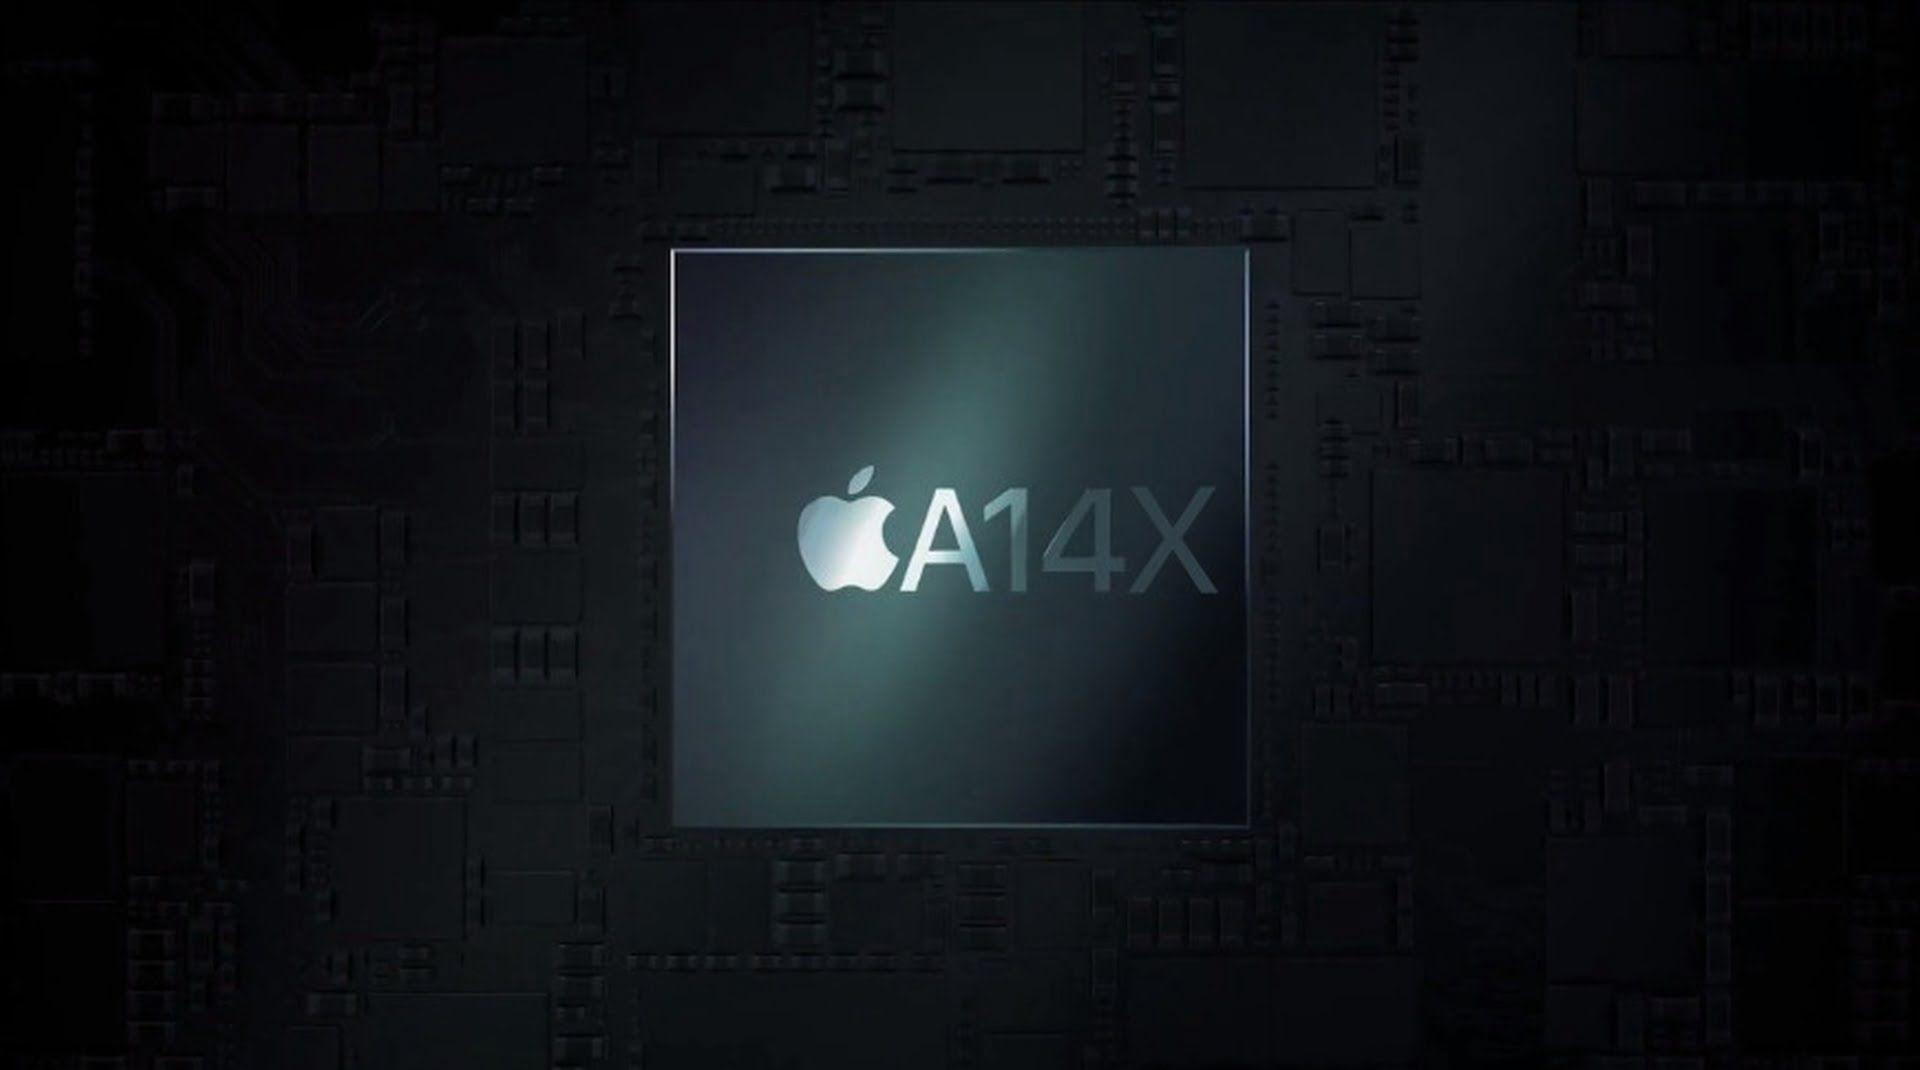 Wyniki testów prawdopodobnie procesora A14X w Geekbench 5